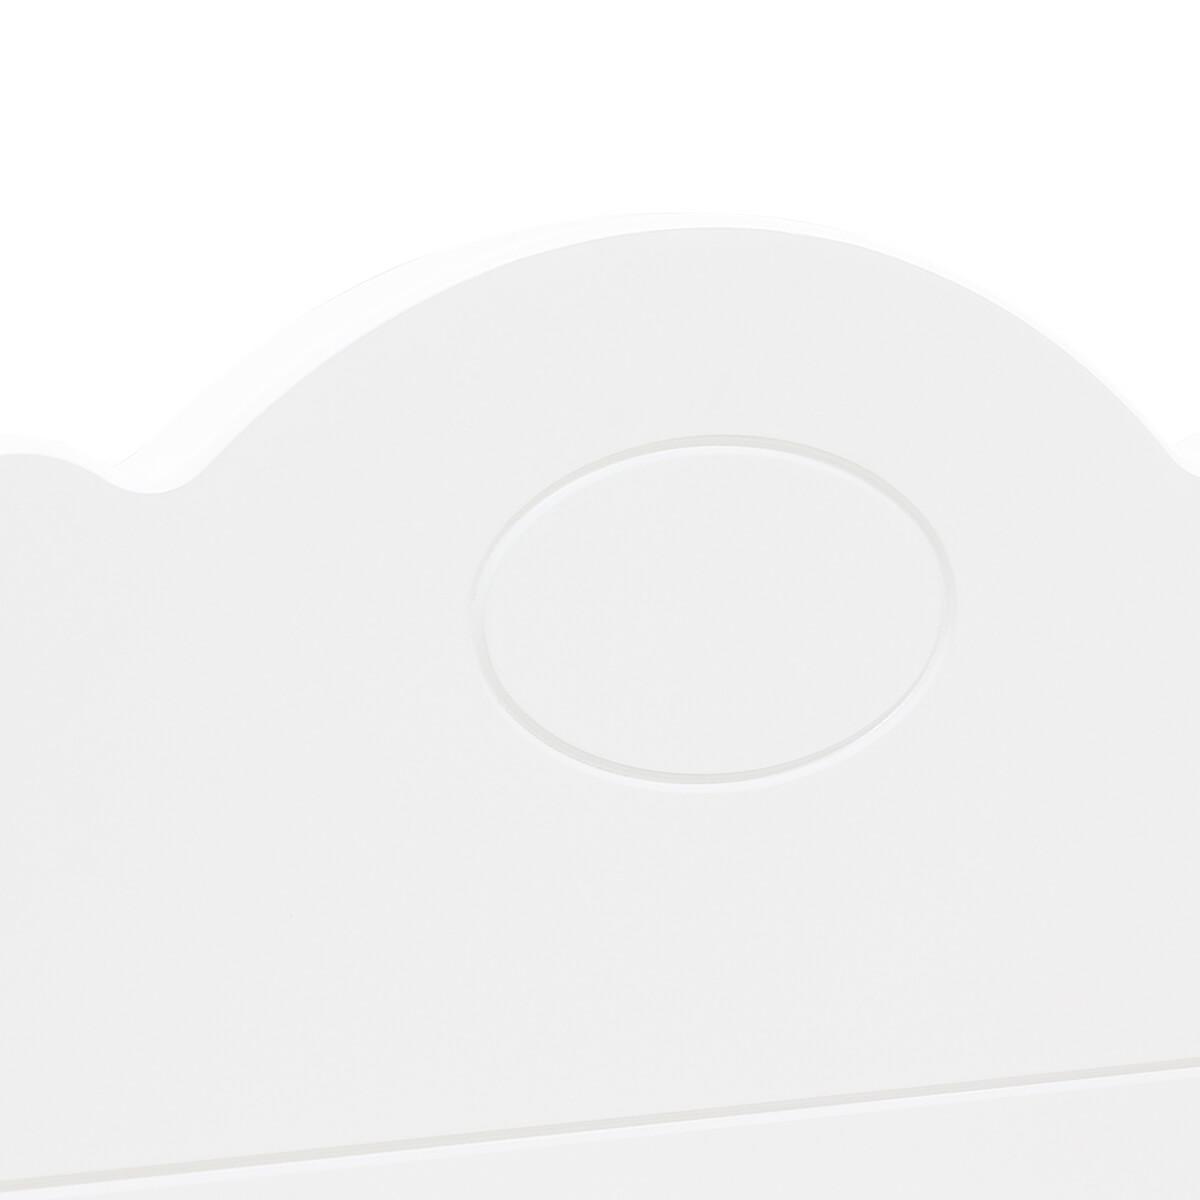 Cuna evolutiva 70X140cm EVI Bopita blanco